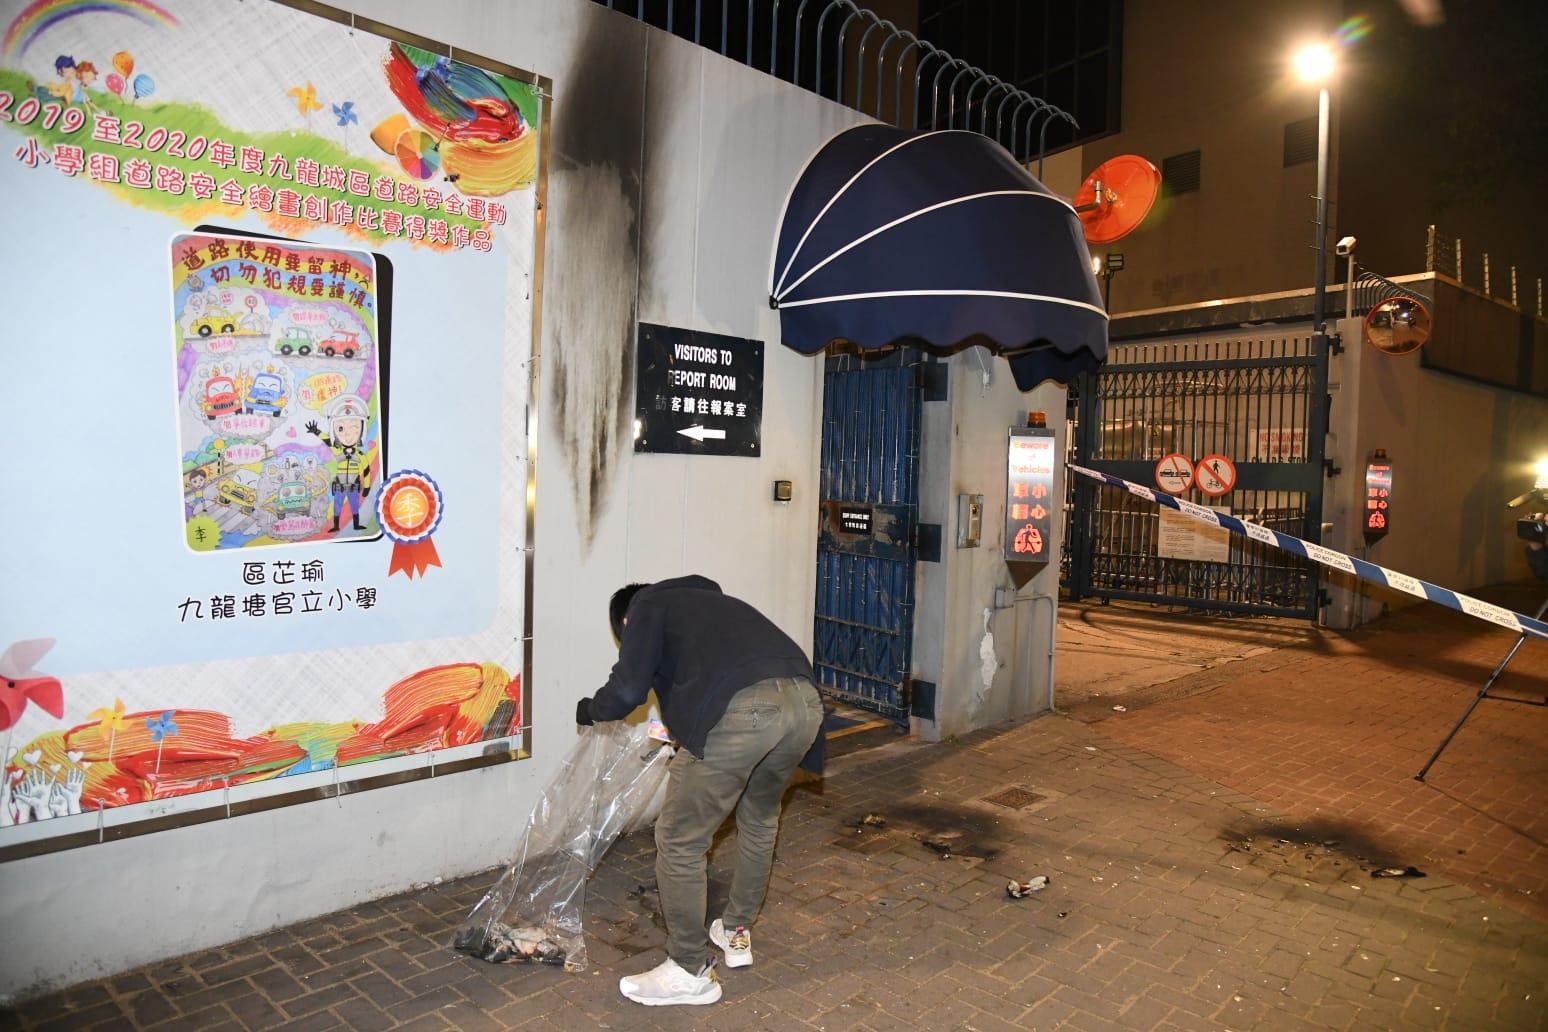 9小时4宗 红磡旺角葵涌警署警车被掷汽油弹